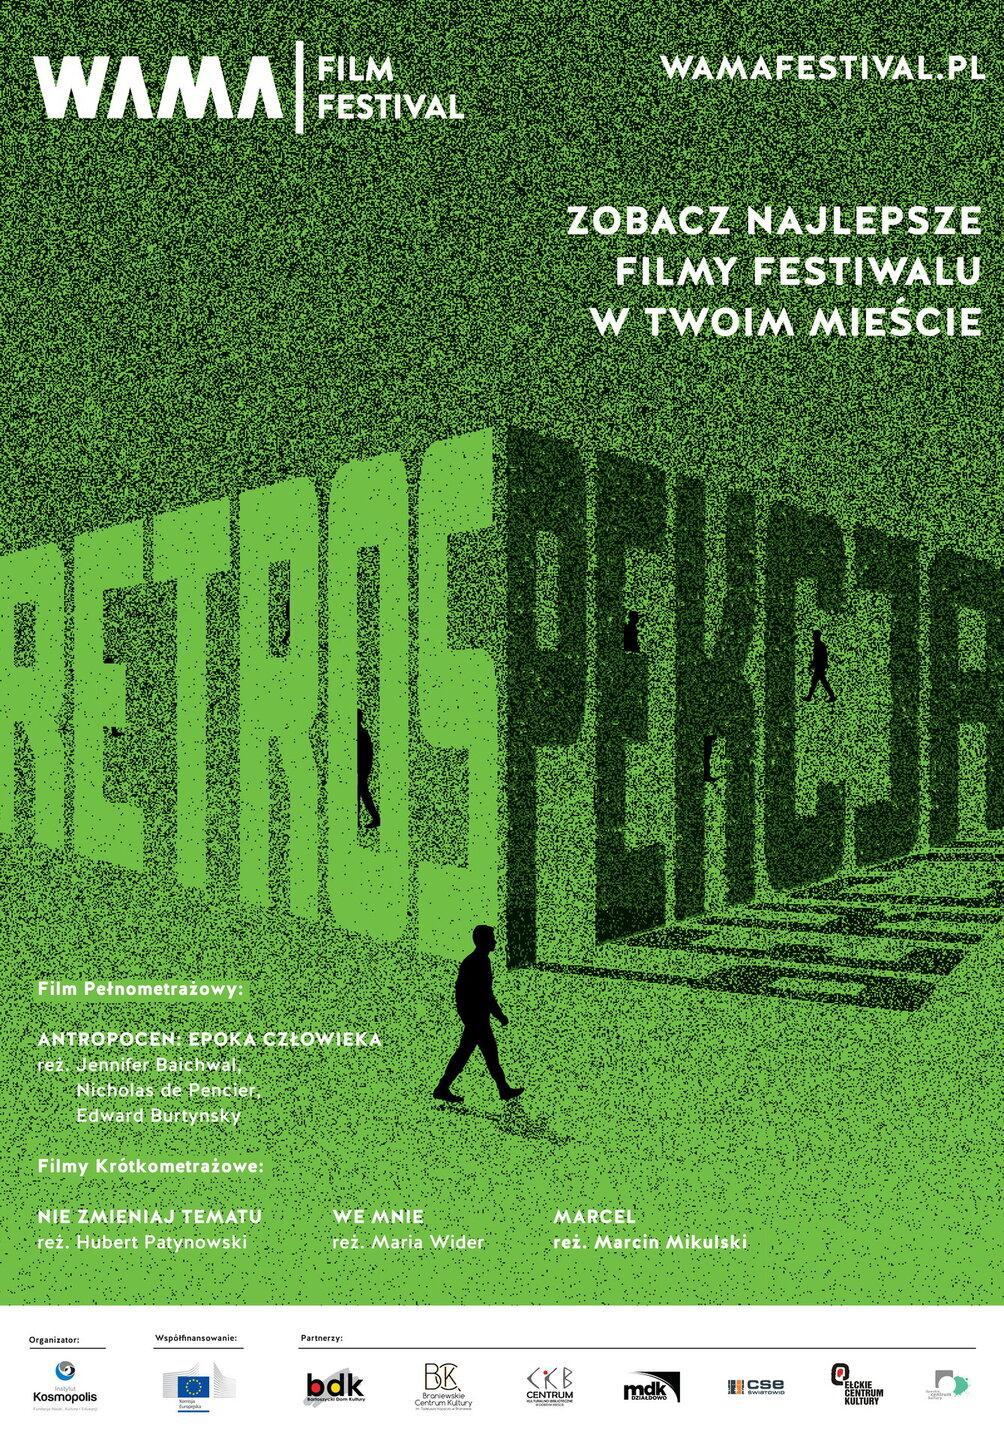 WAMA Film Festival 2020: Przegląd krótkich metraży